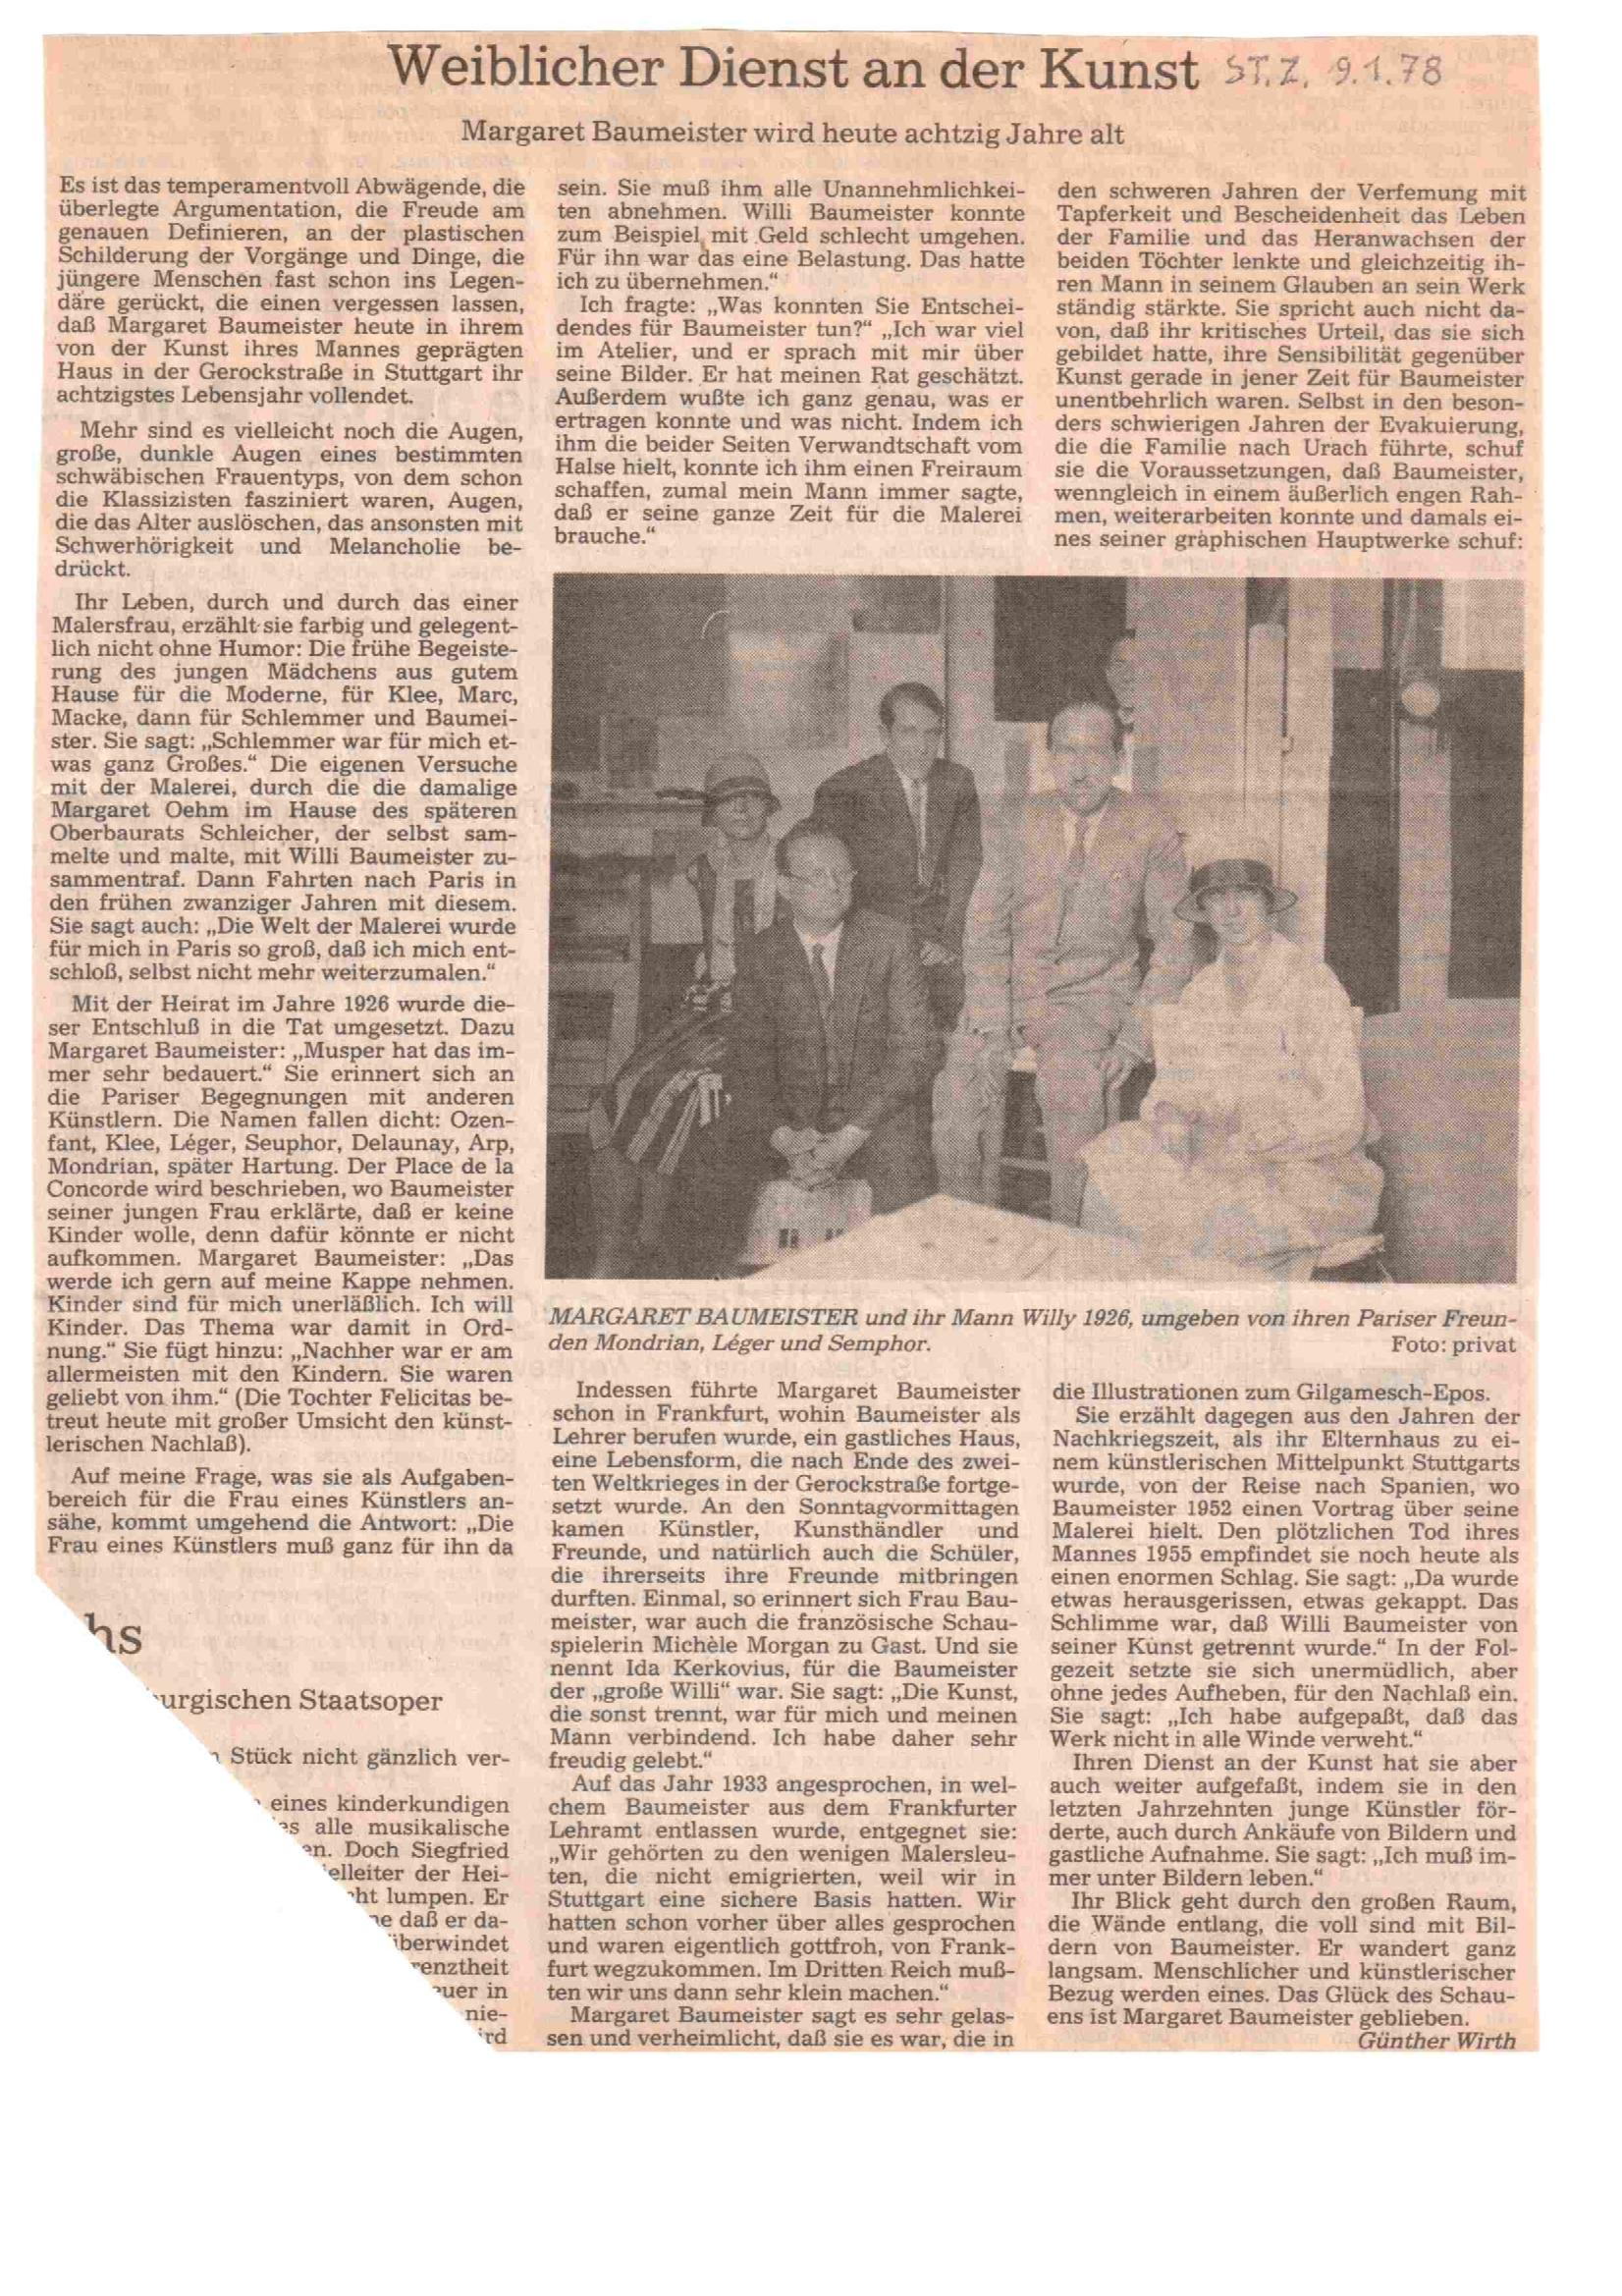 Zeitungsartikel: Weiblicher Dienst an der Kunst